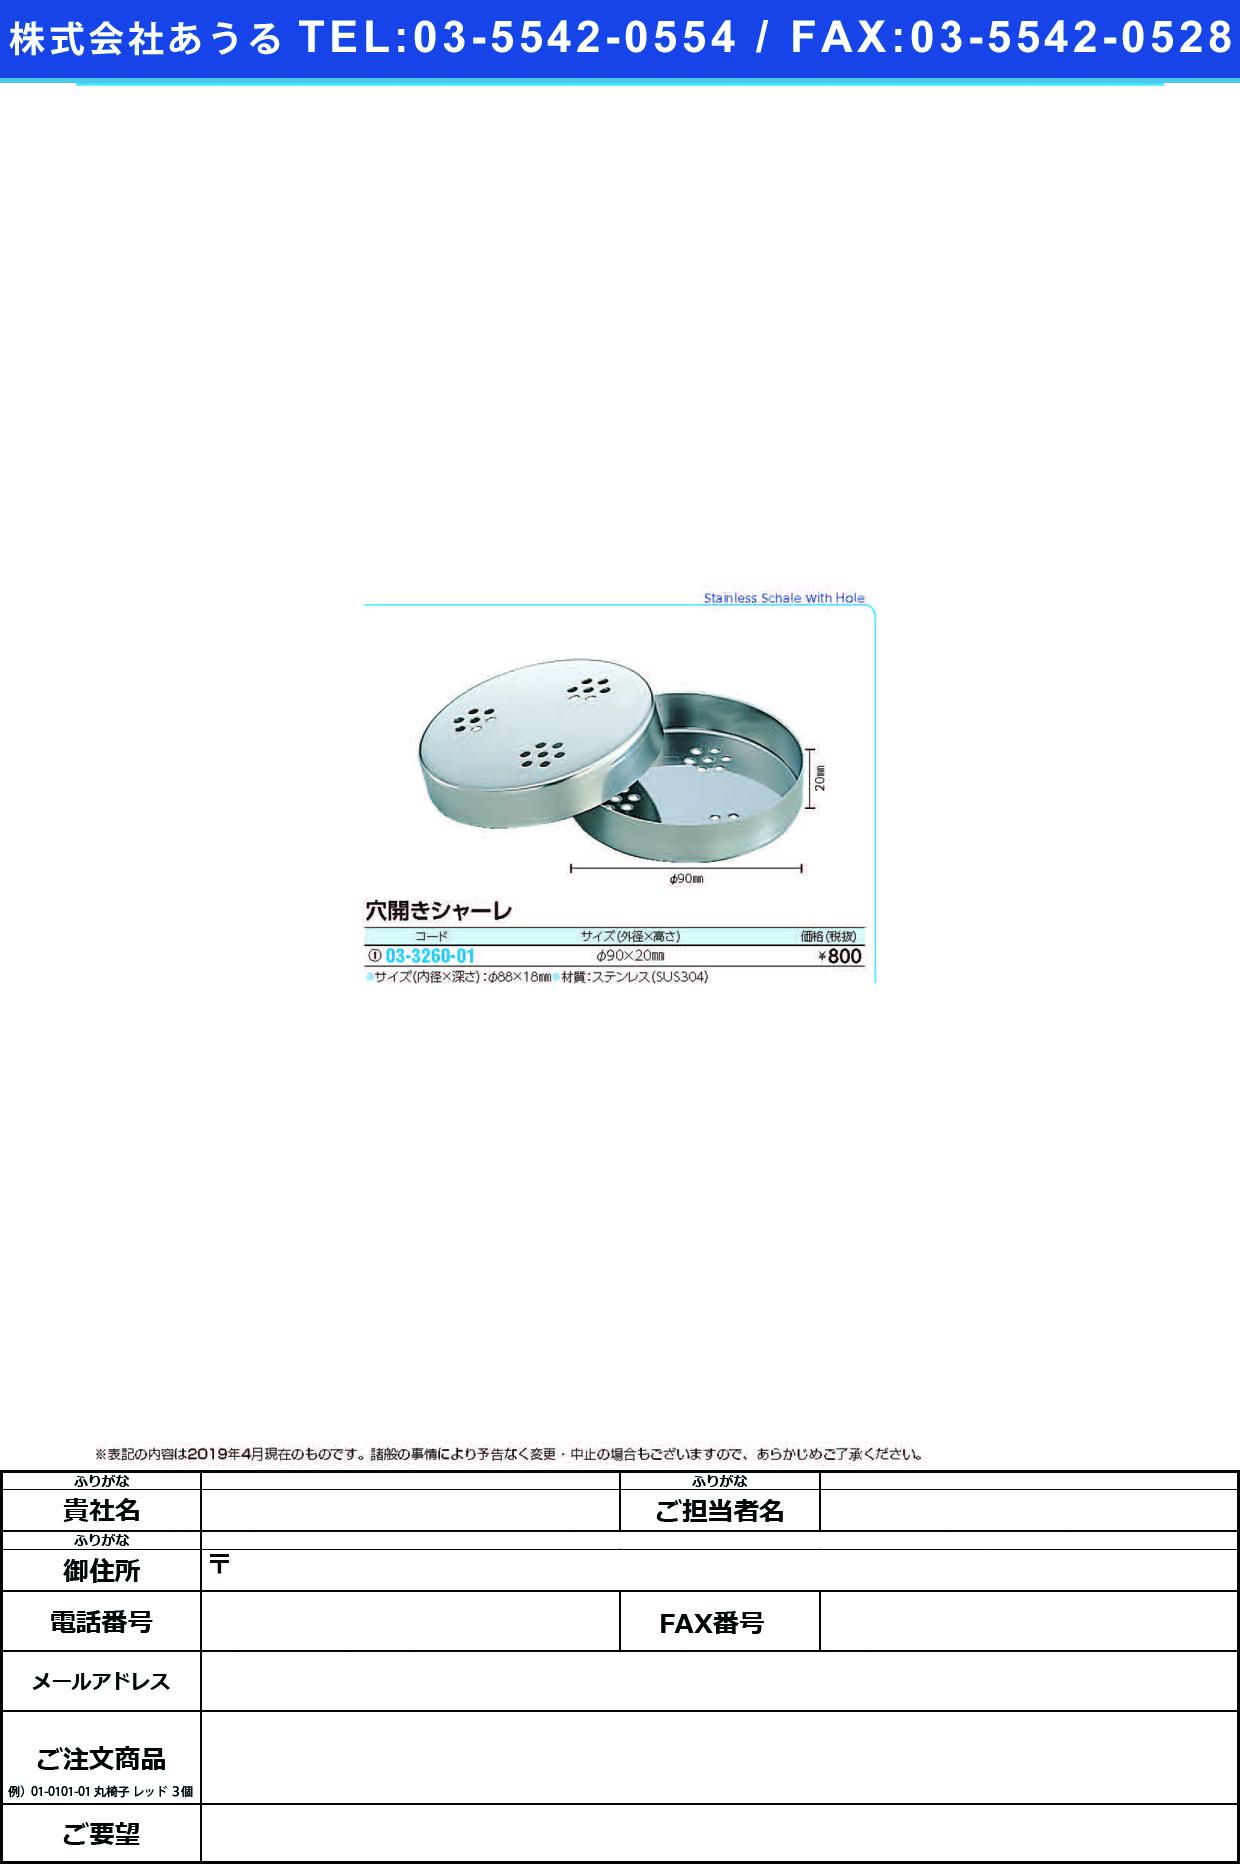 (03-3260-01)穴開きシャーレ 90X20MM(ステンレス) シャーレ【1個単位】【2019年カタログ商品】